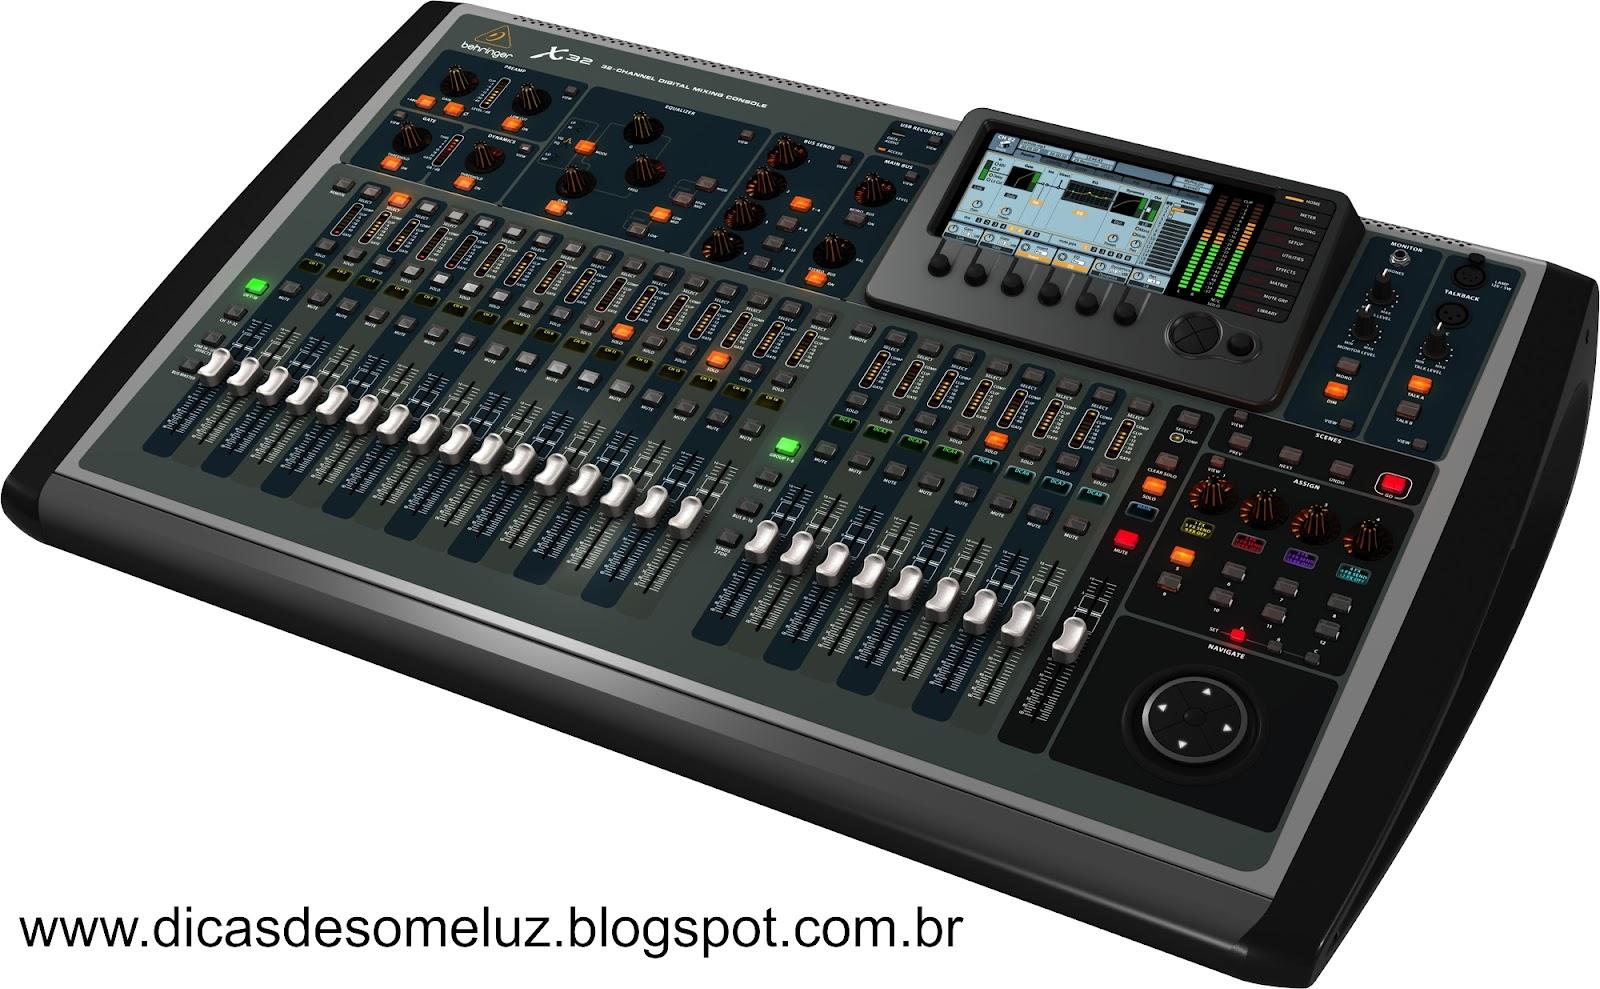 Dicas de som e luz manual mesa de som behringer x32 for Mesas behringer